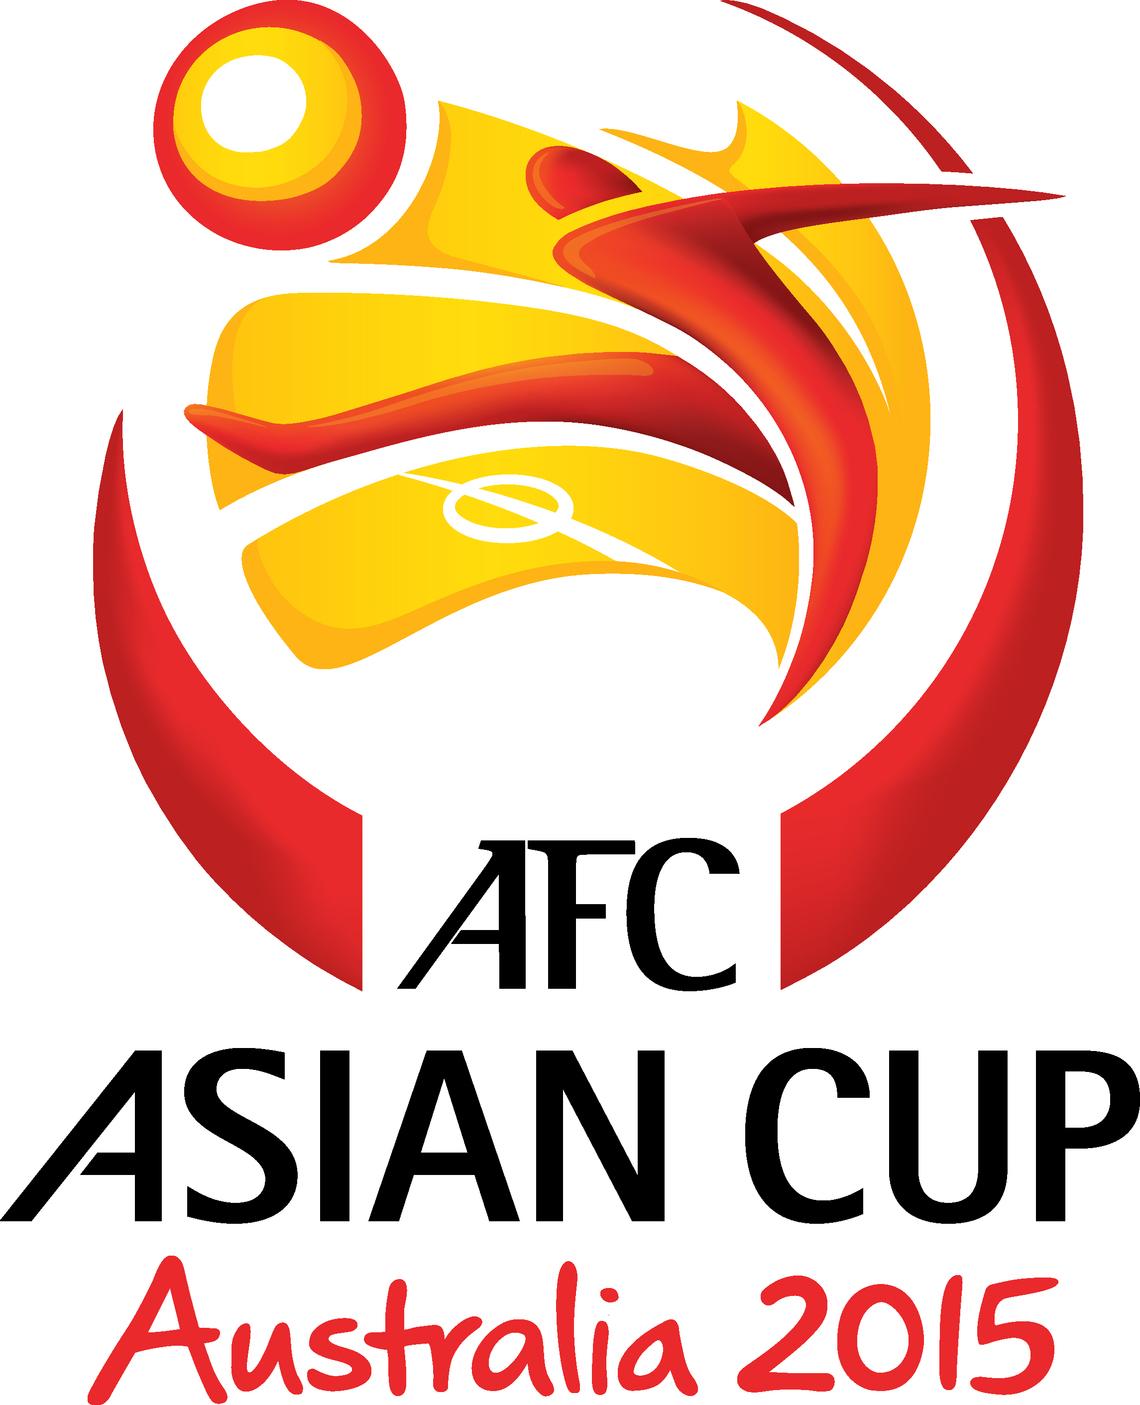 AFCアジアカップ2015 ロゴマーク